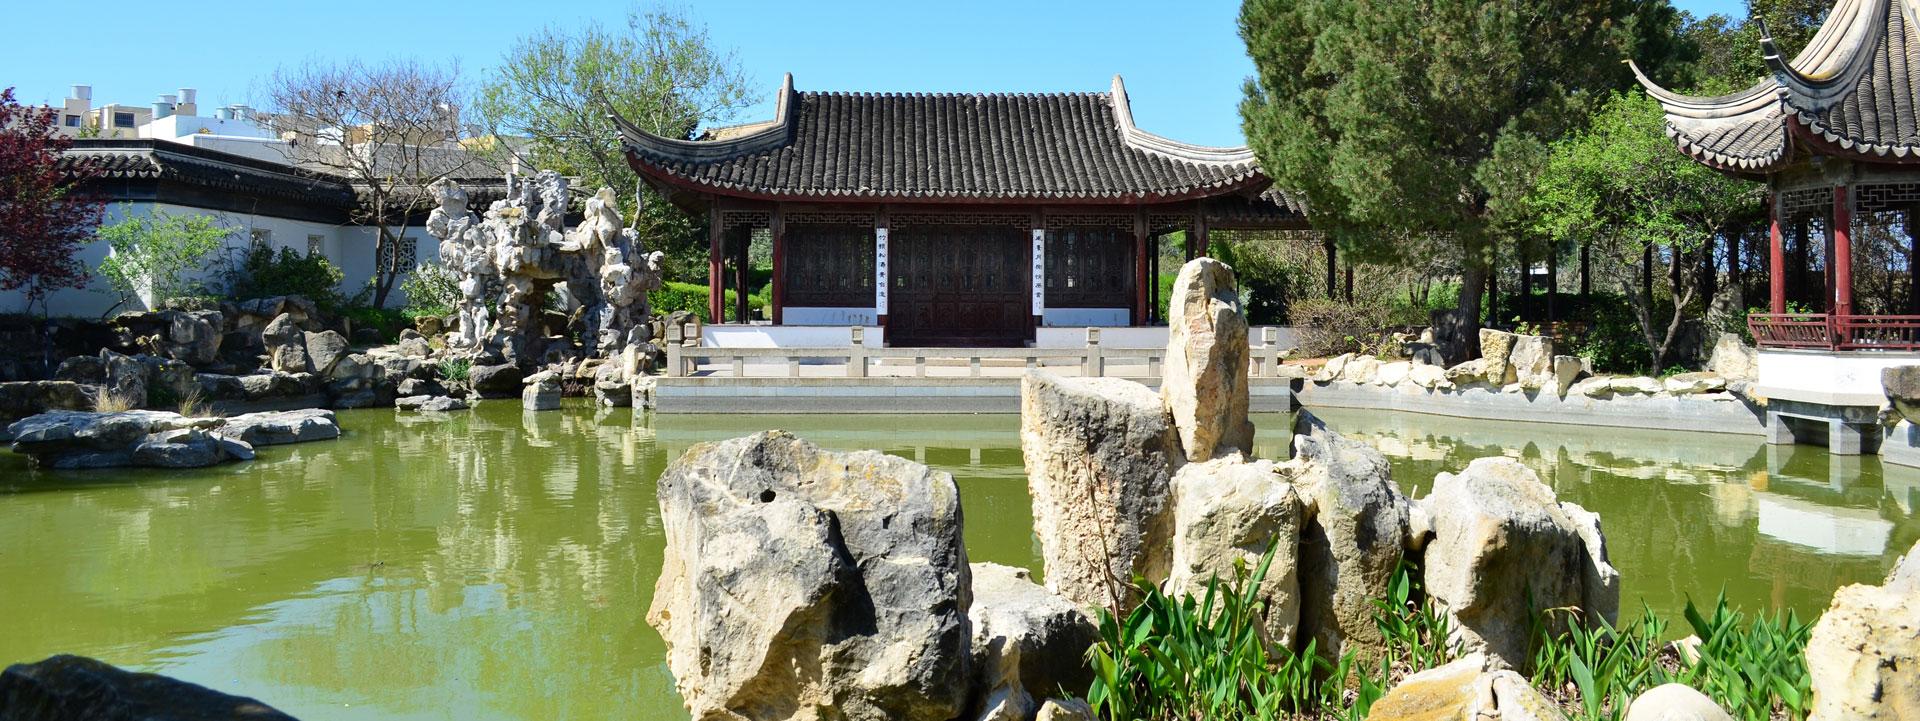 Les jardins lapidaires de la chine ancienne jardins for Conception jardin chinois